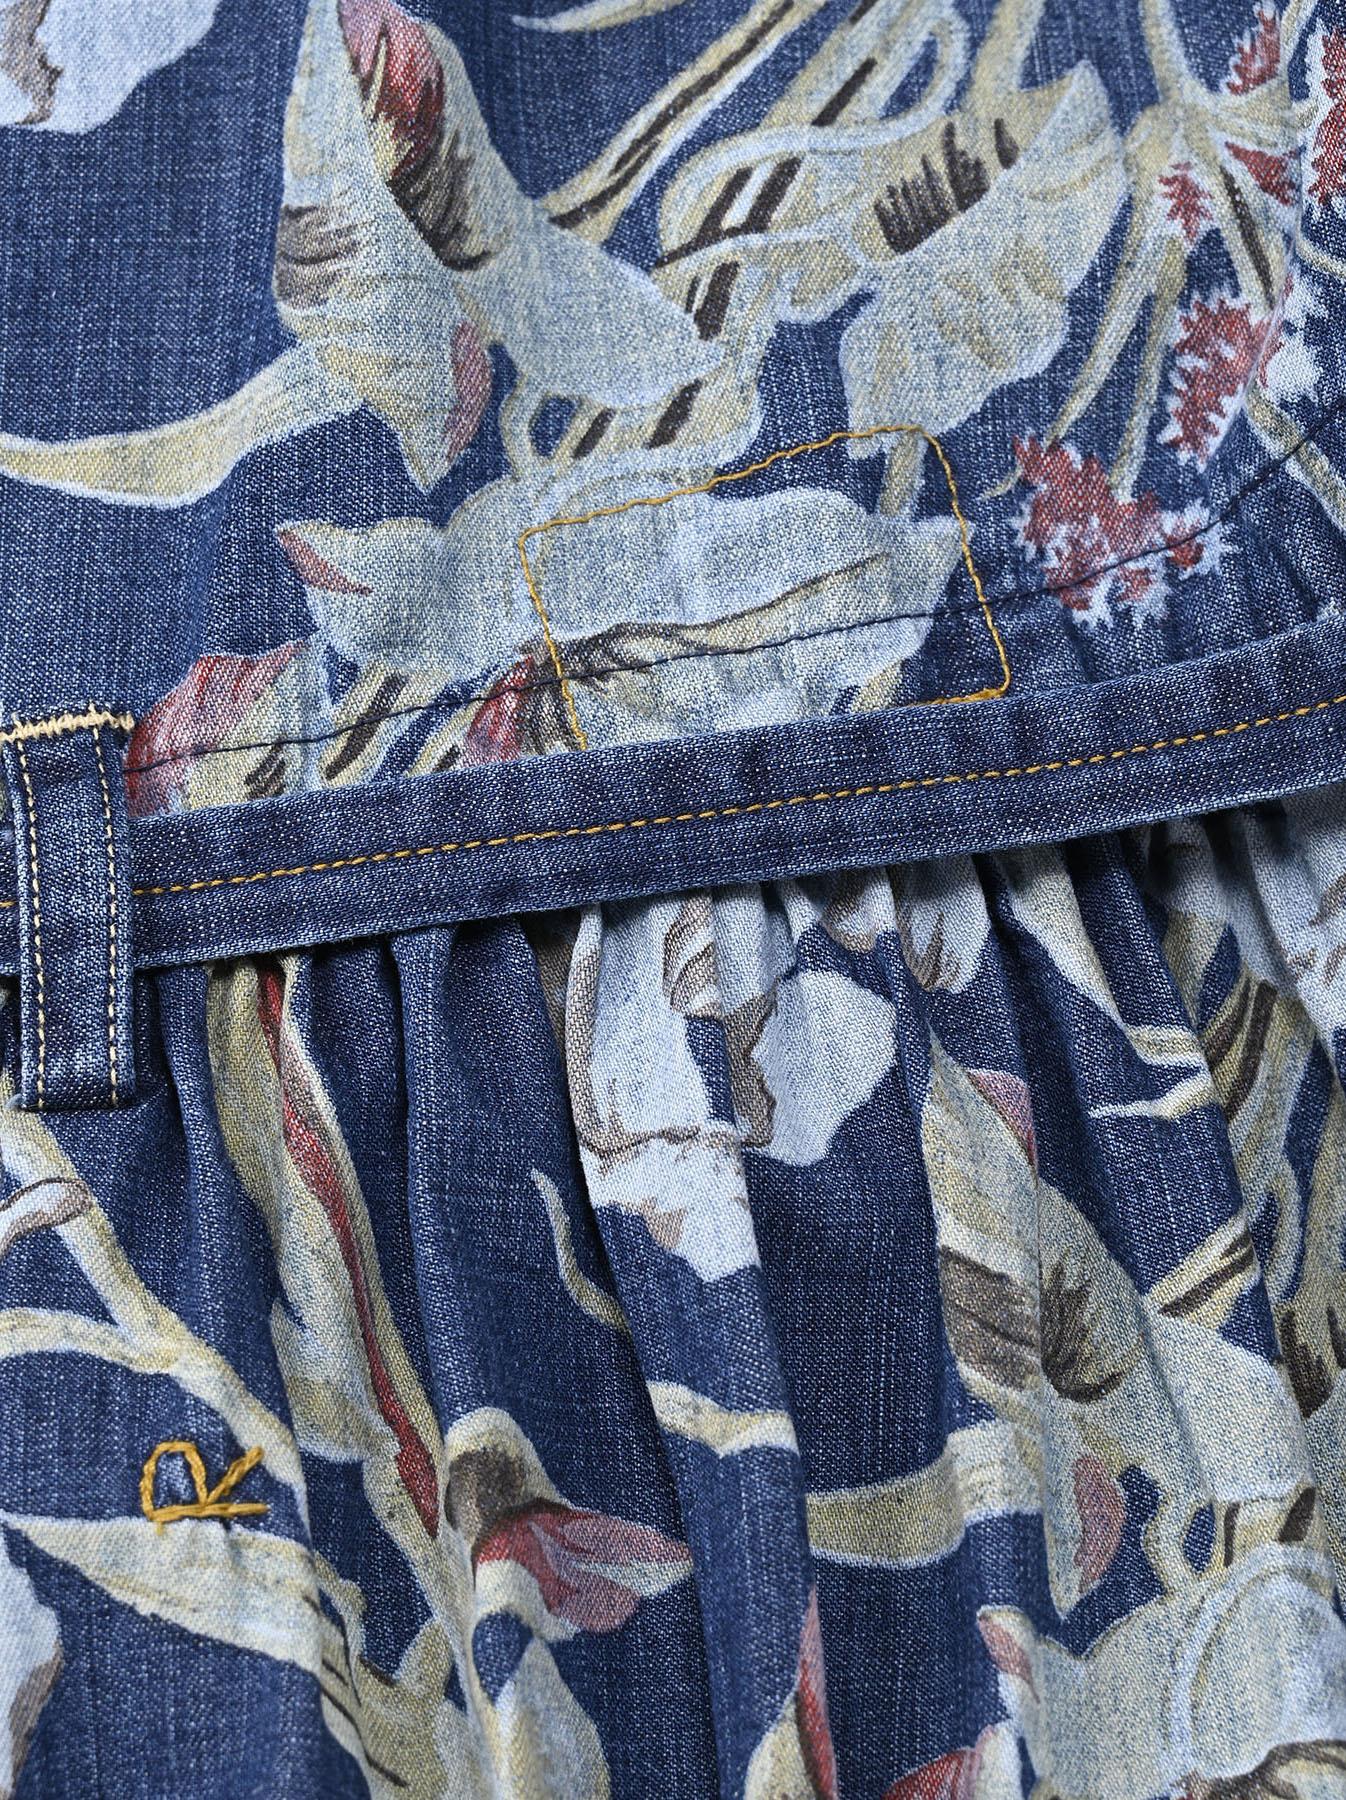 Cotton Lily Print Dress (0521)-12